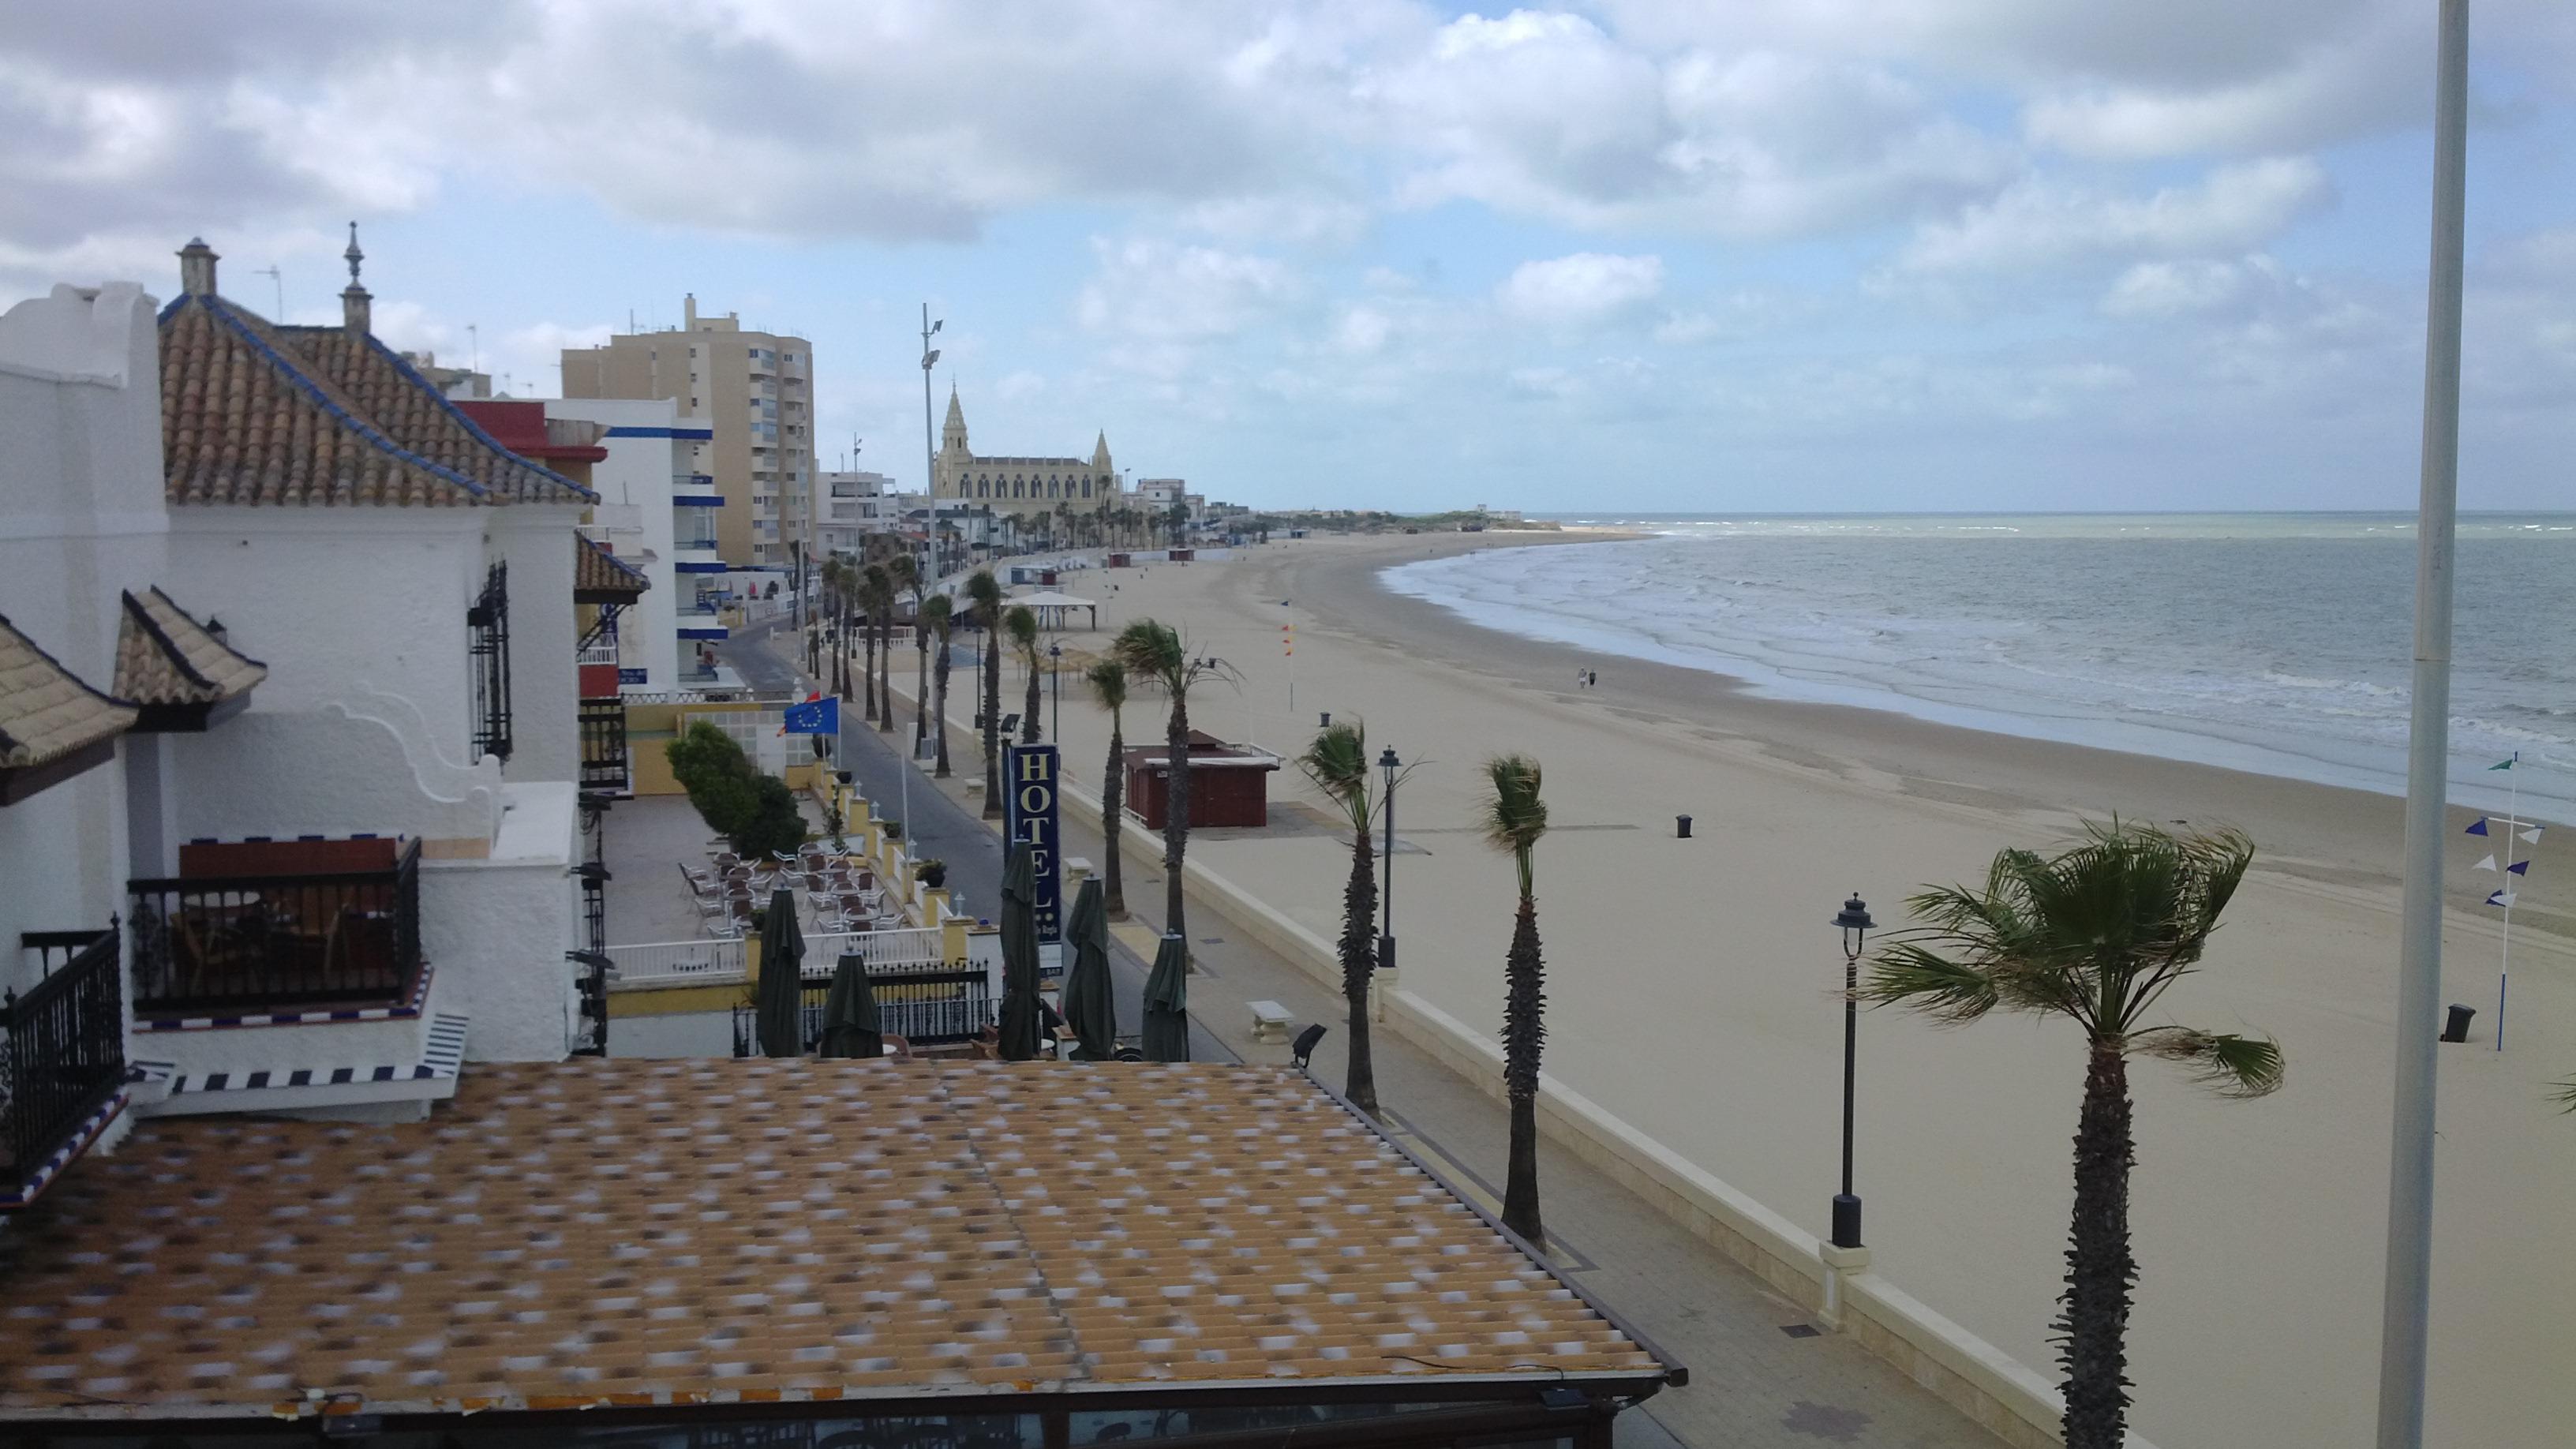 La playa de Regla. Una gran playa, sin bandera azul.